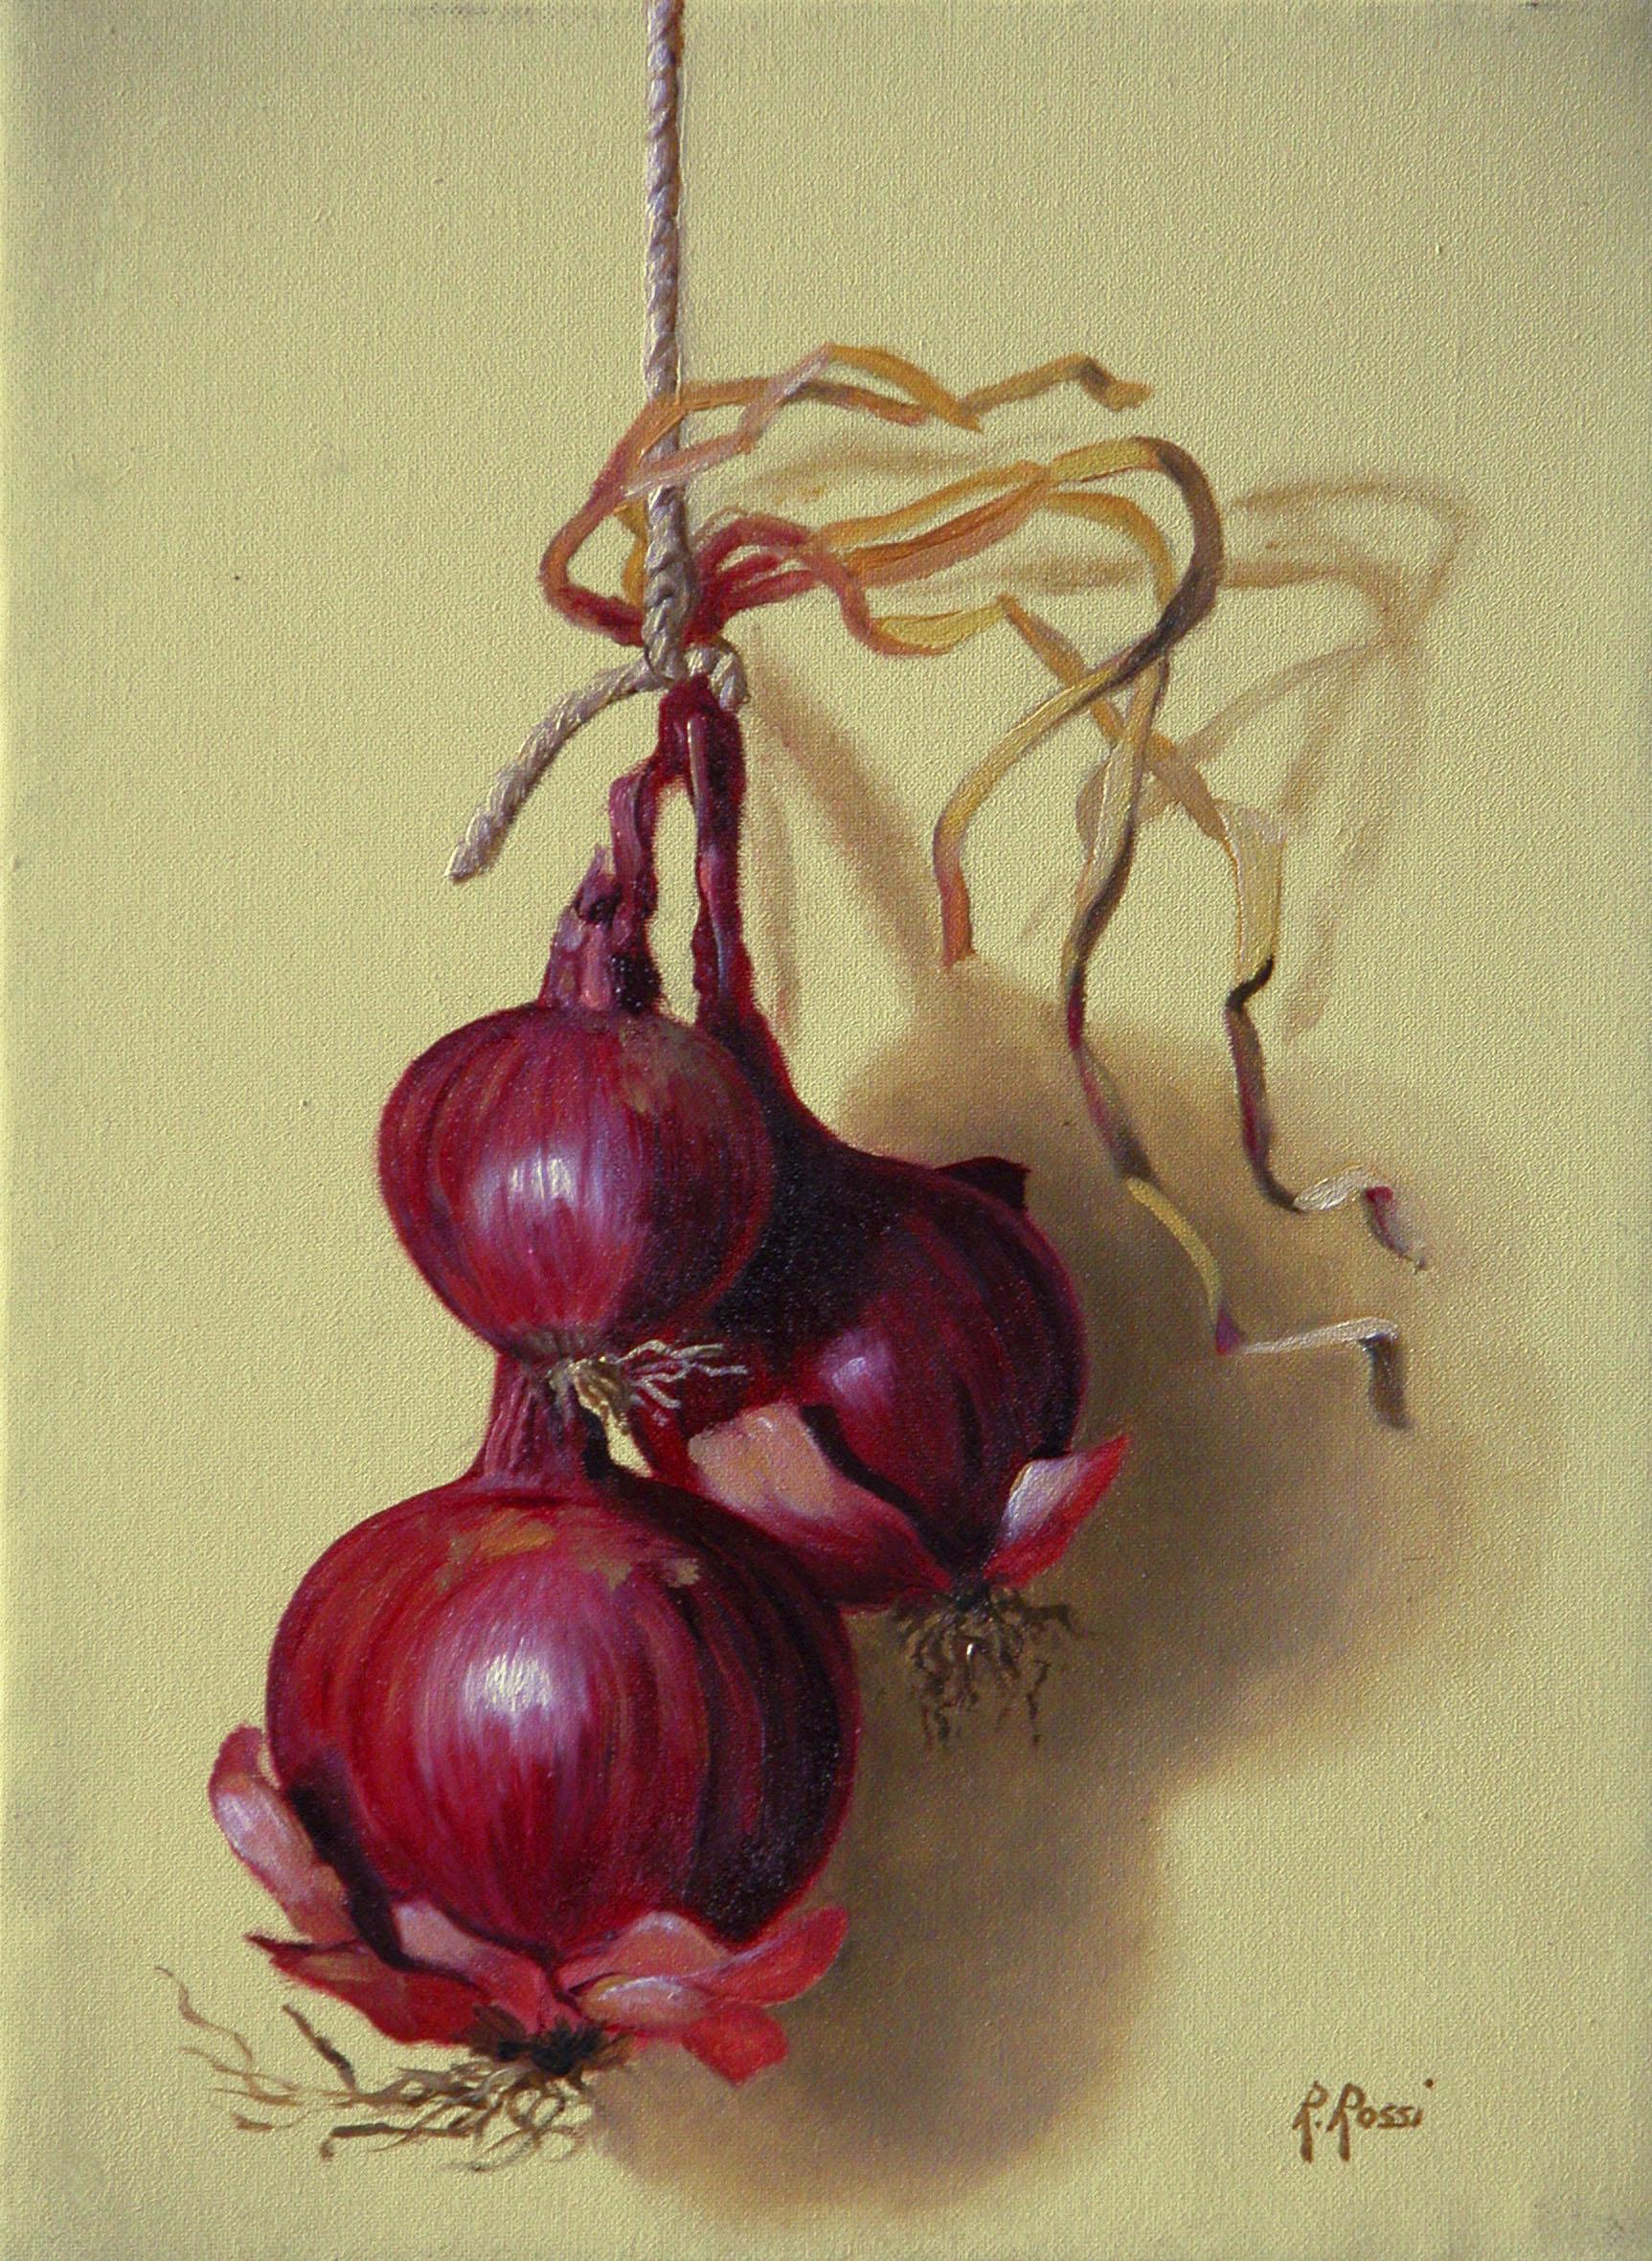 2007 roberta rossi - Tre Cipolle - olio su tela - 24 x 18